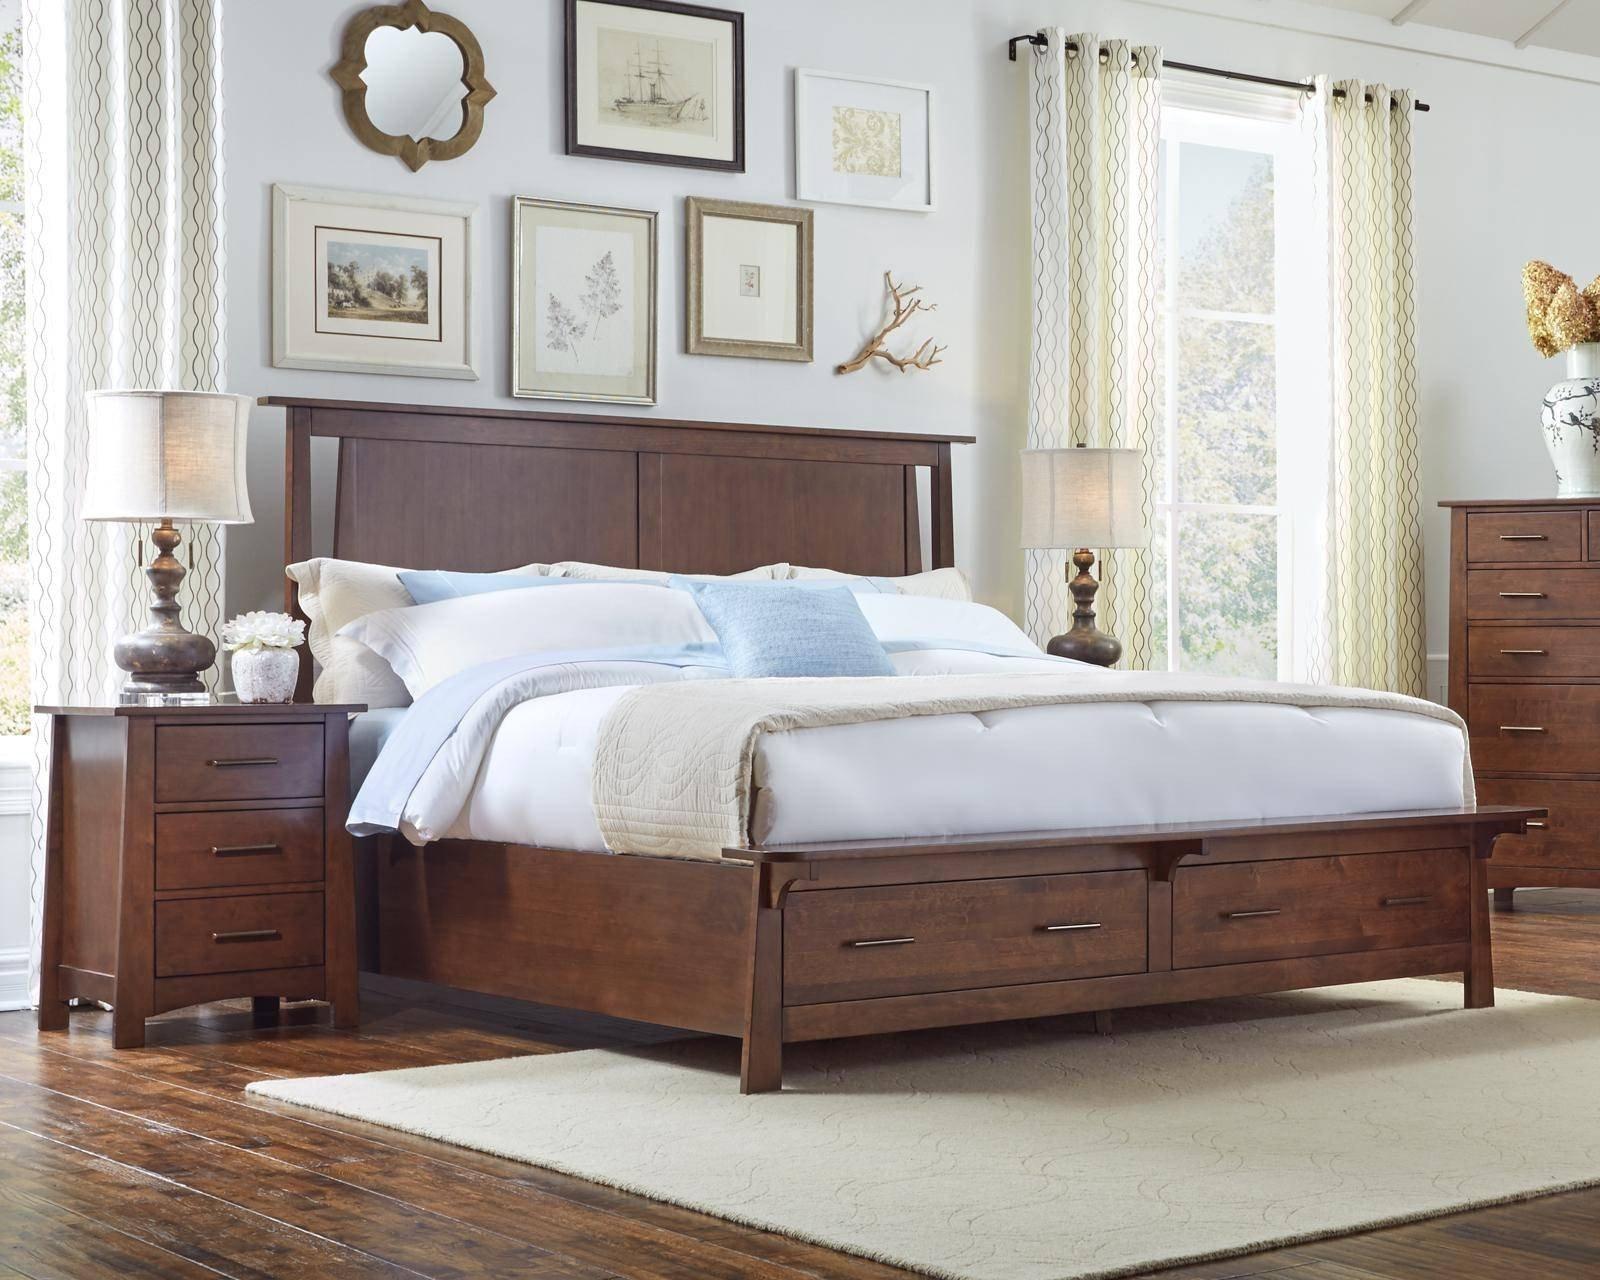 Affordable King Bedroom Set Inspirational Modern King Storage Bedroom Set 5pcs Sumatra Brown sodwb5131